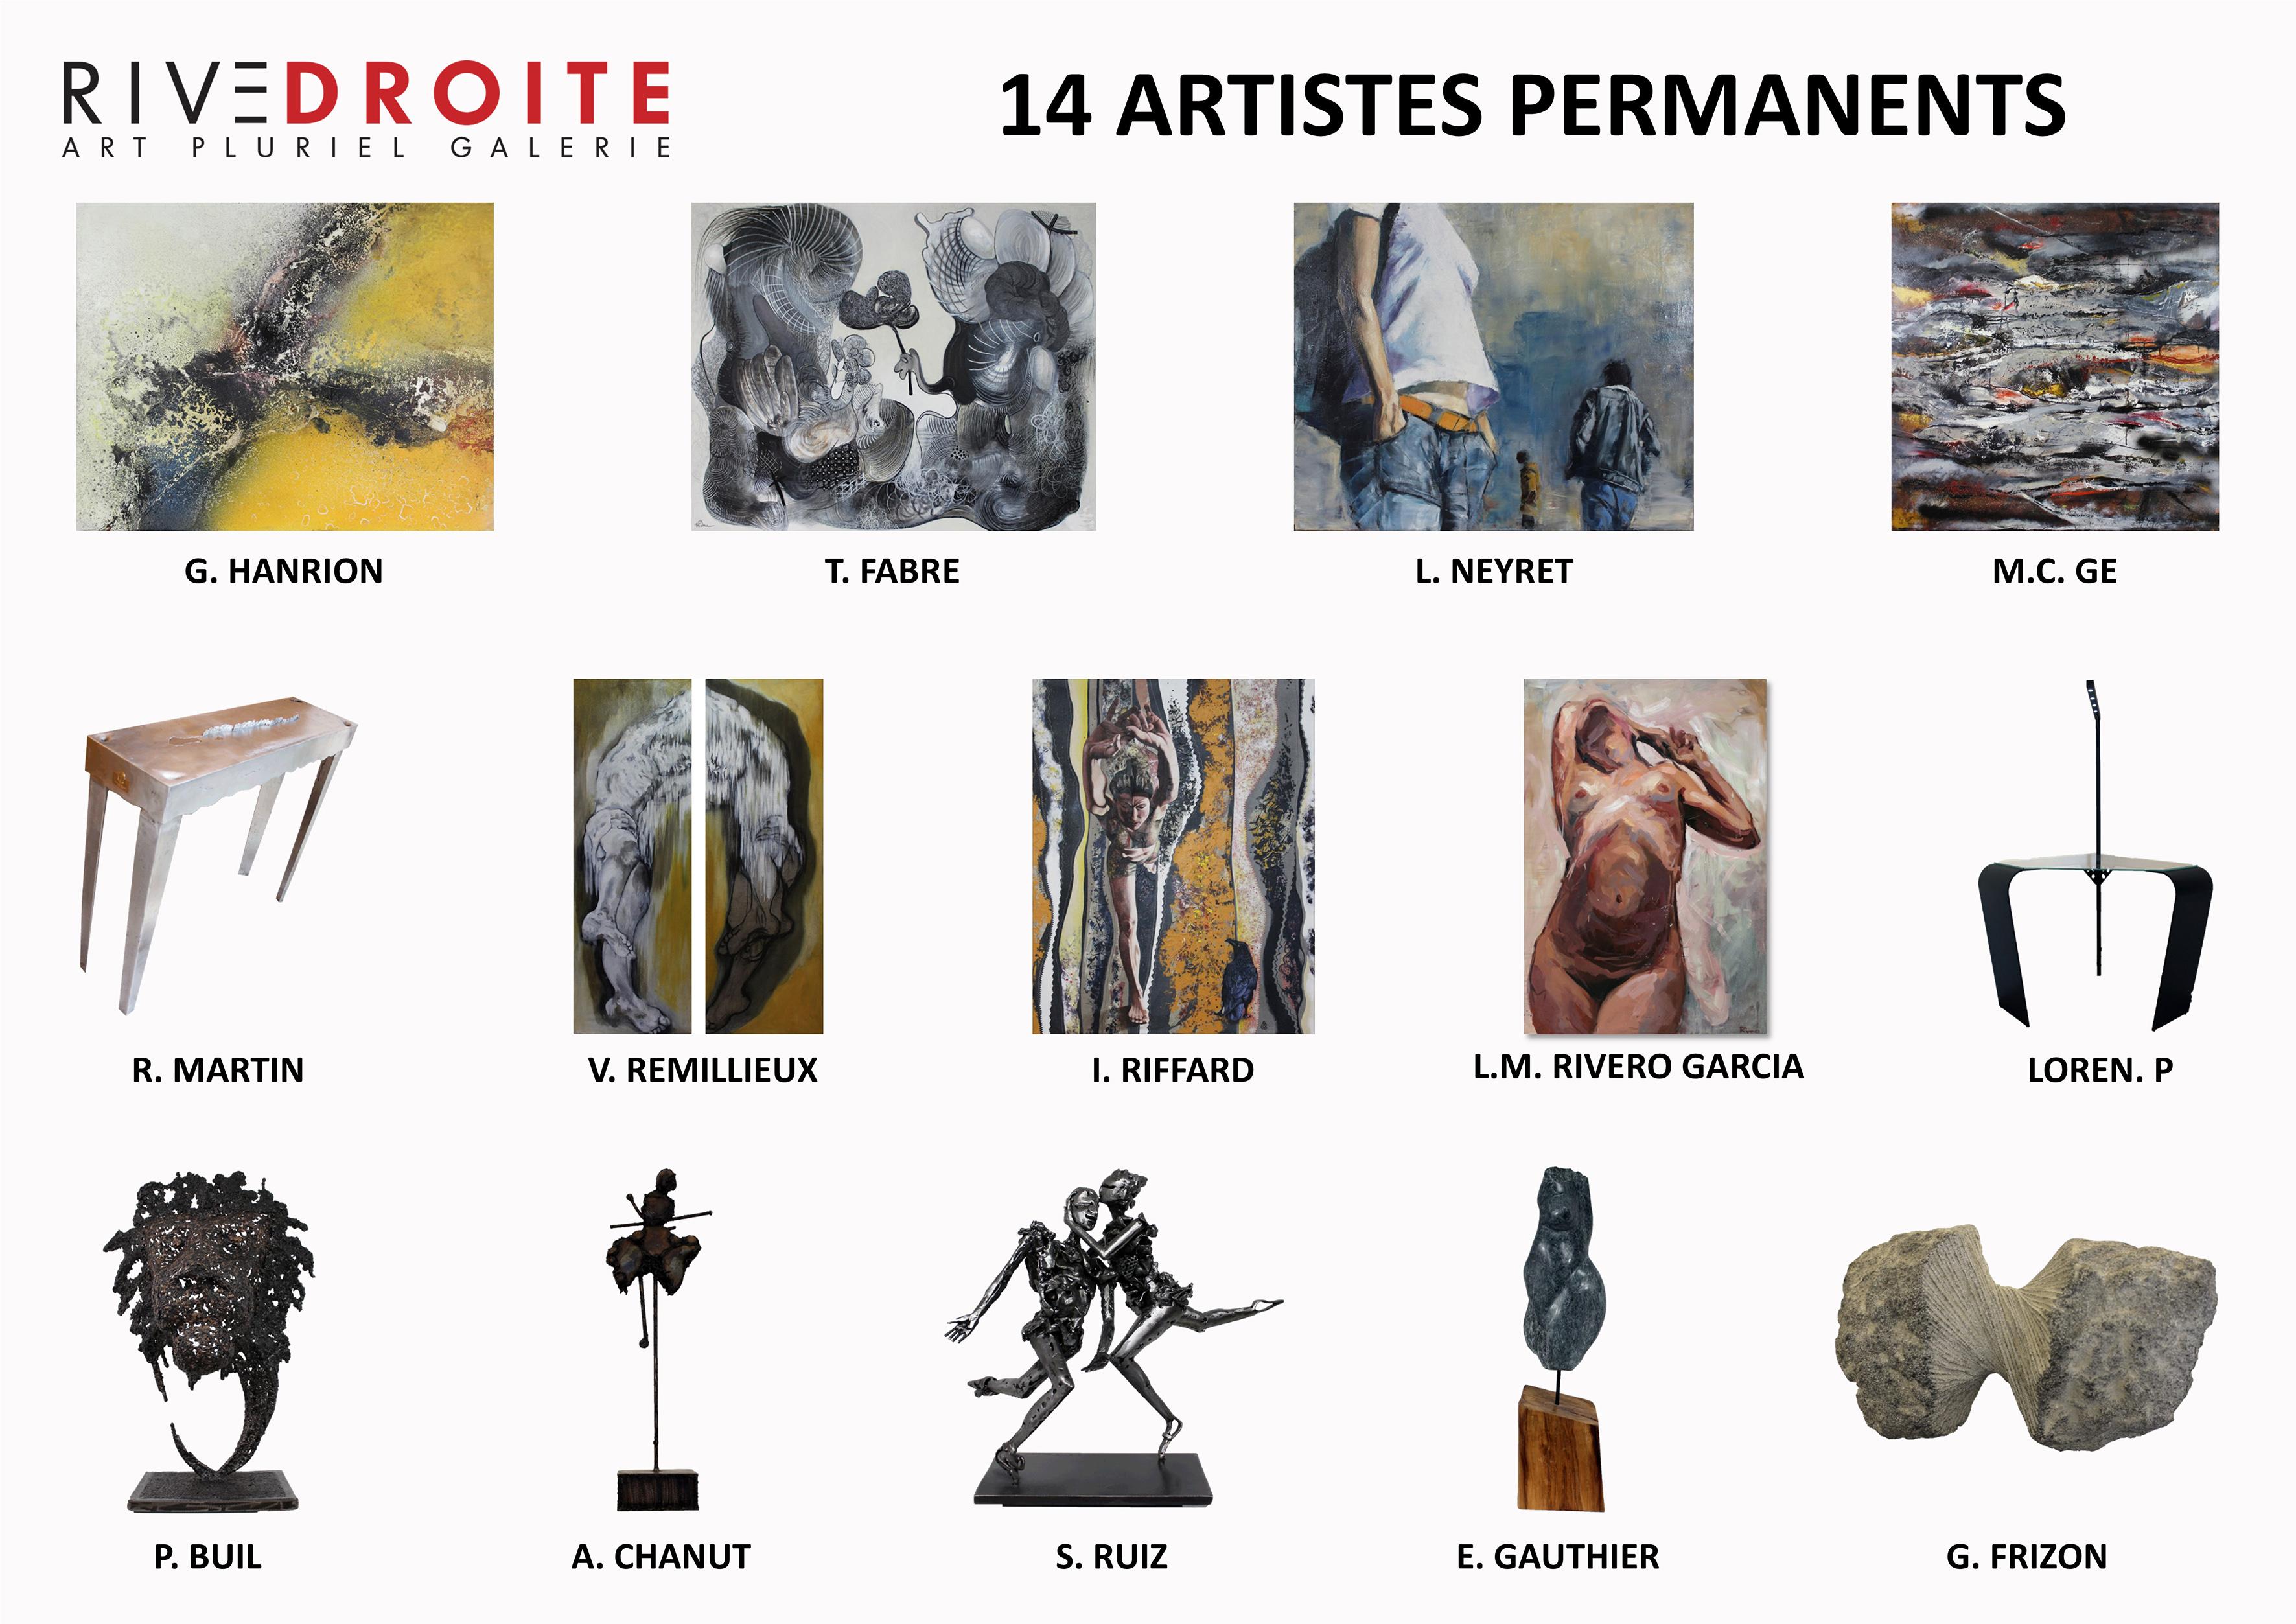 Exposition galerie Art Pluriel Rive Droite Saint Etienne